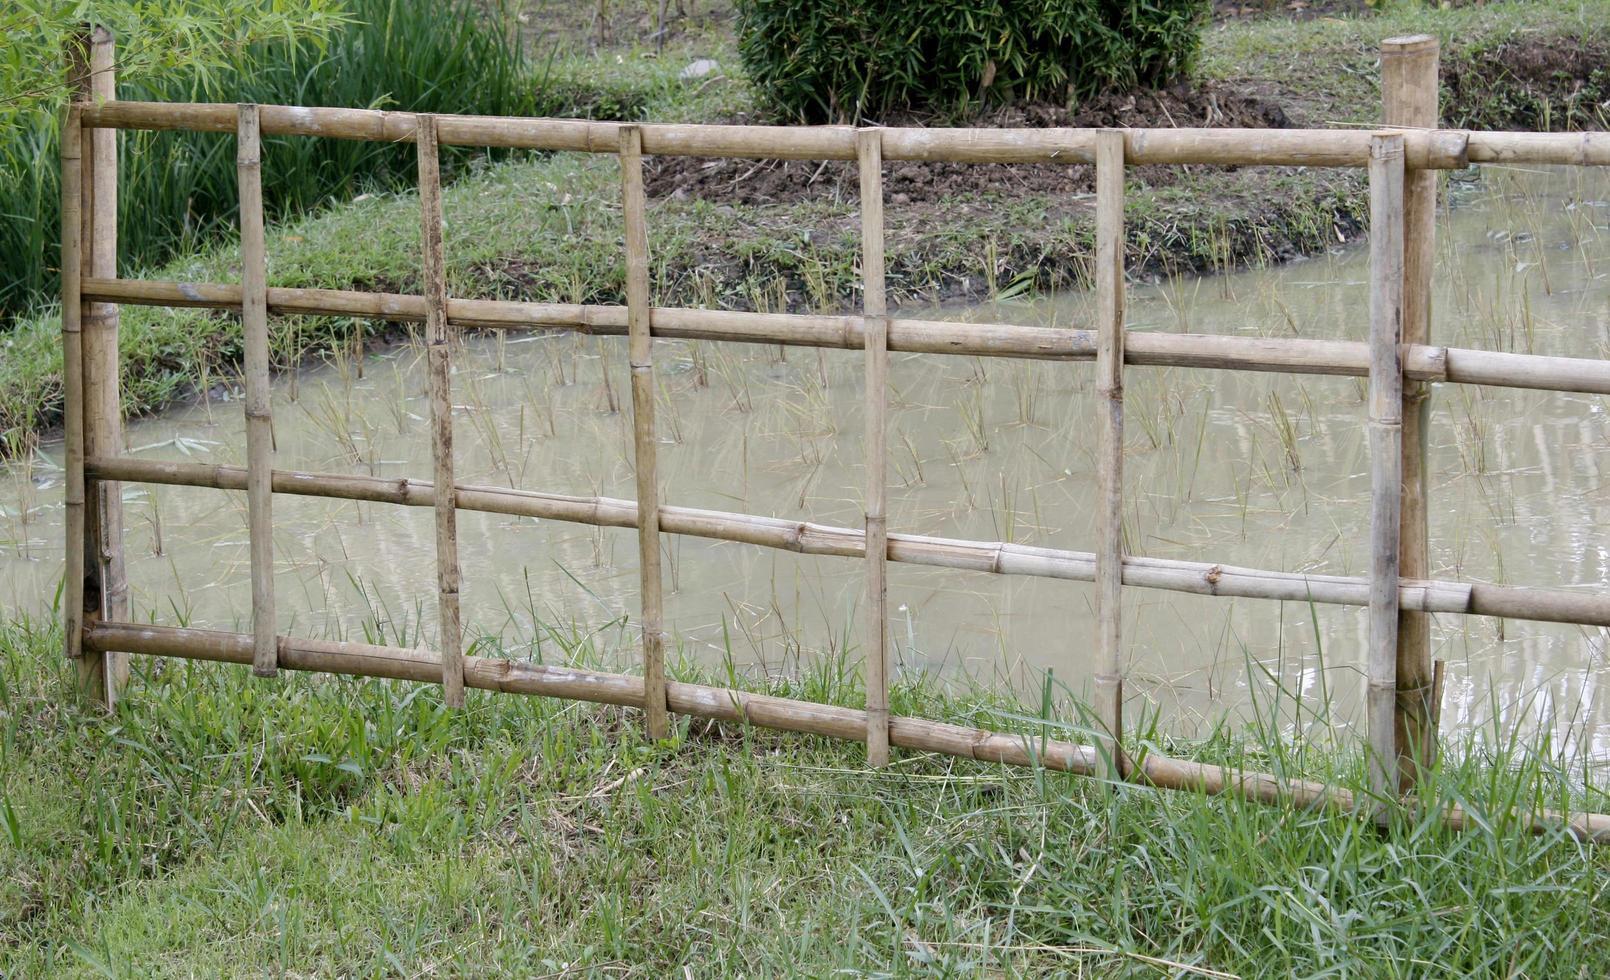 campo di riso con recinzione di bambù foto